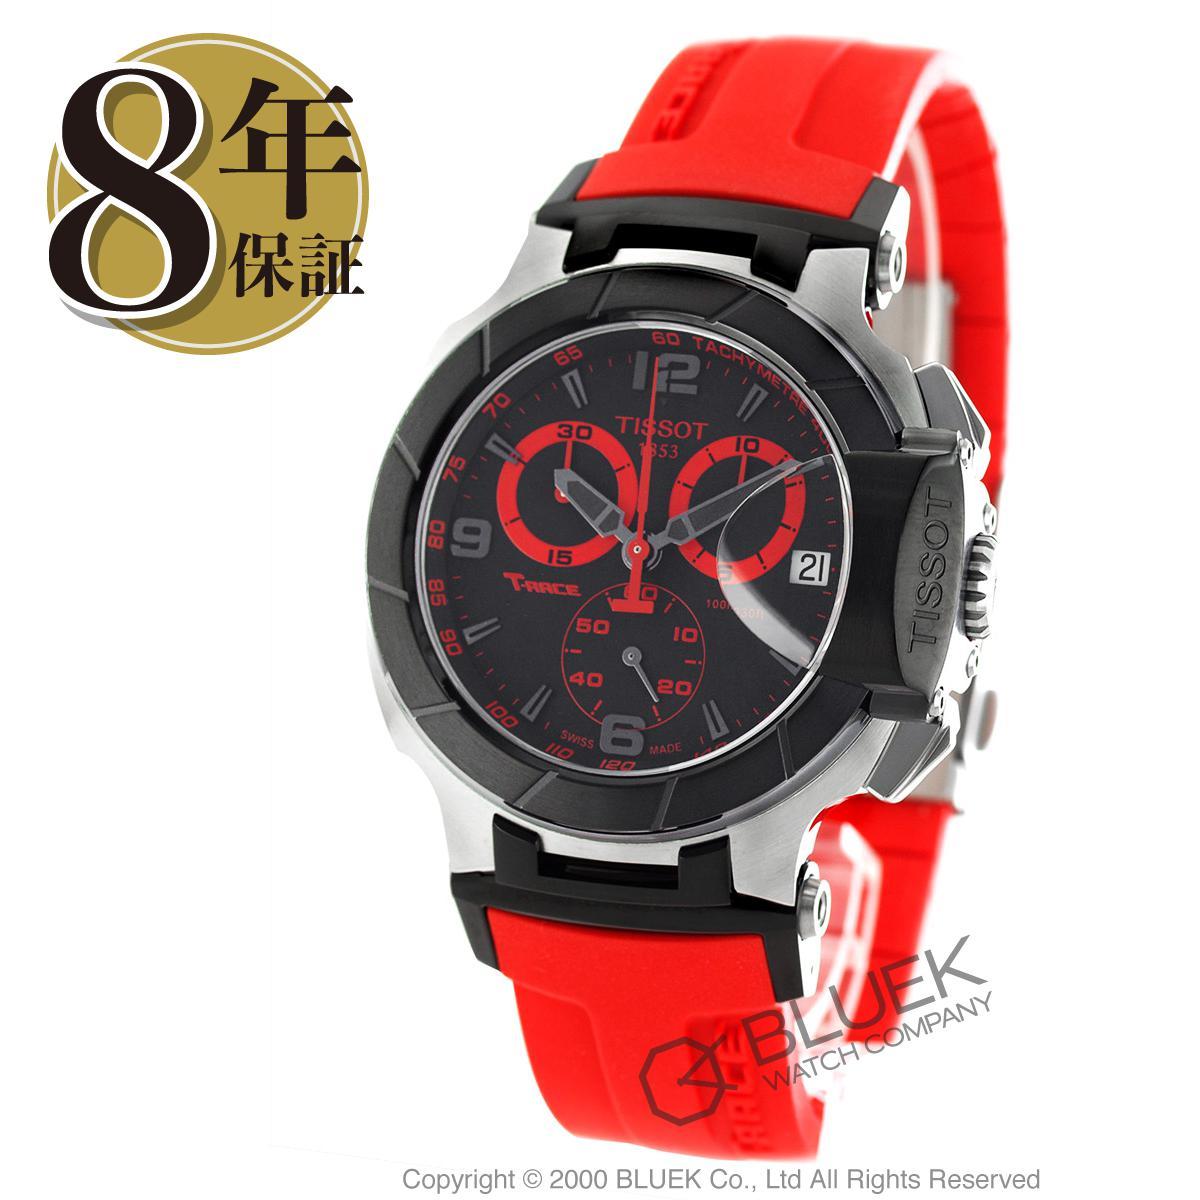 ティソ T-スポーツ T-レース クロノグラフ 腕時計 メンズ TISSOT T048.417.27.057.02_8